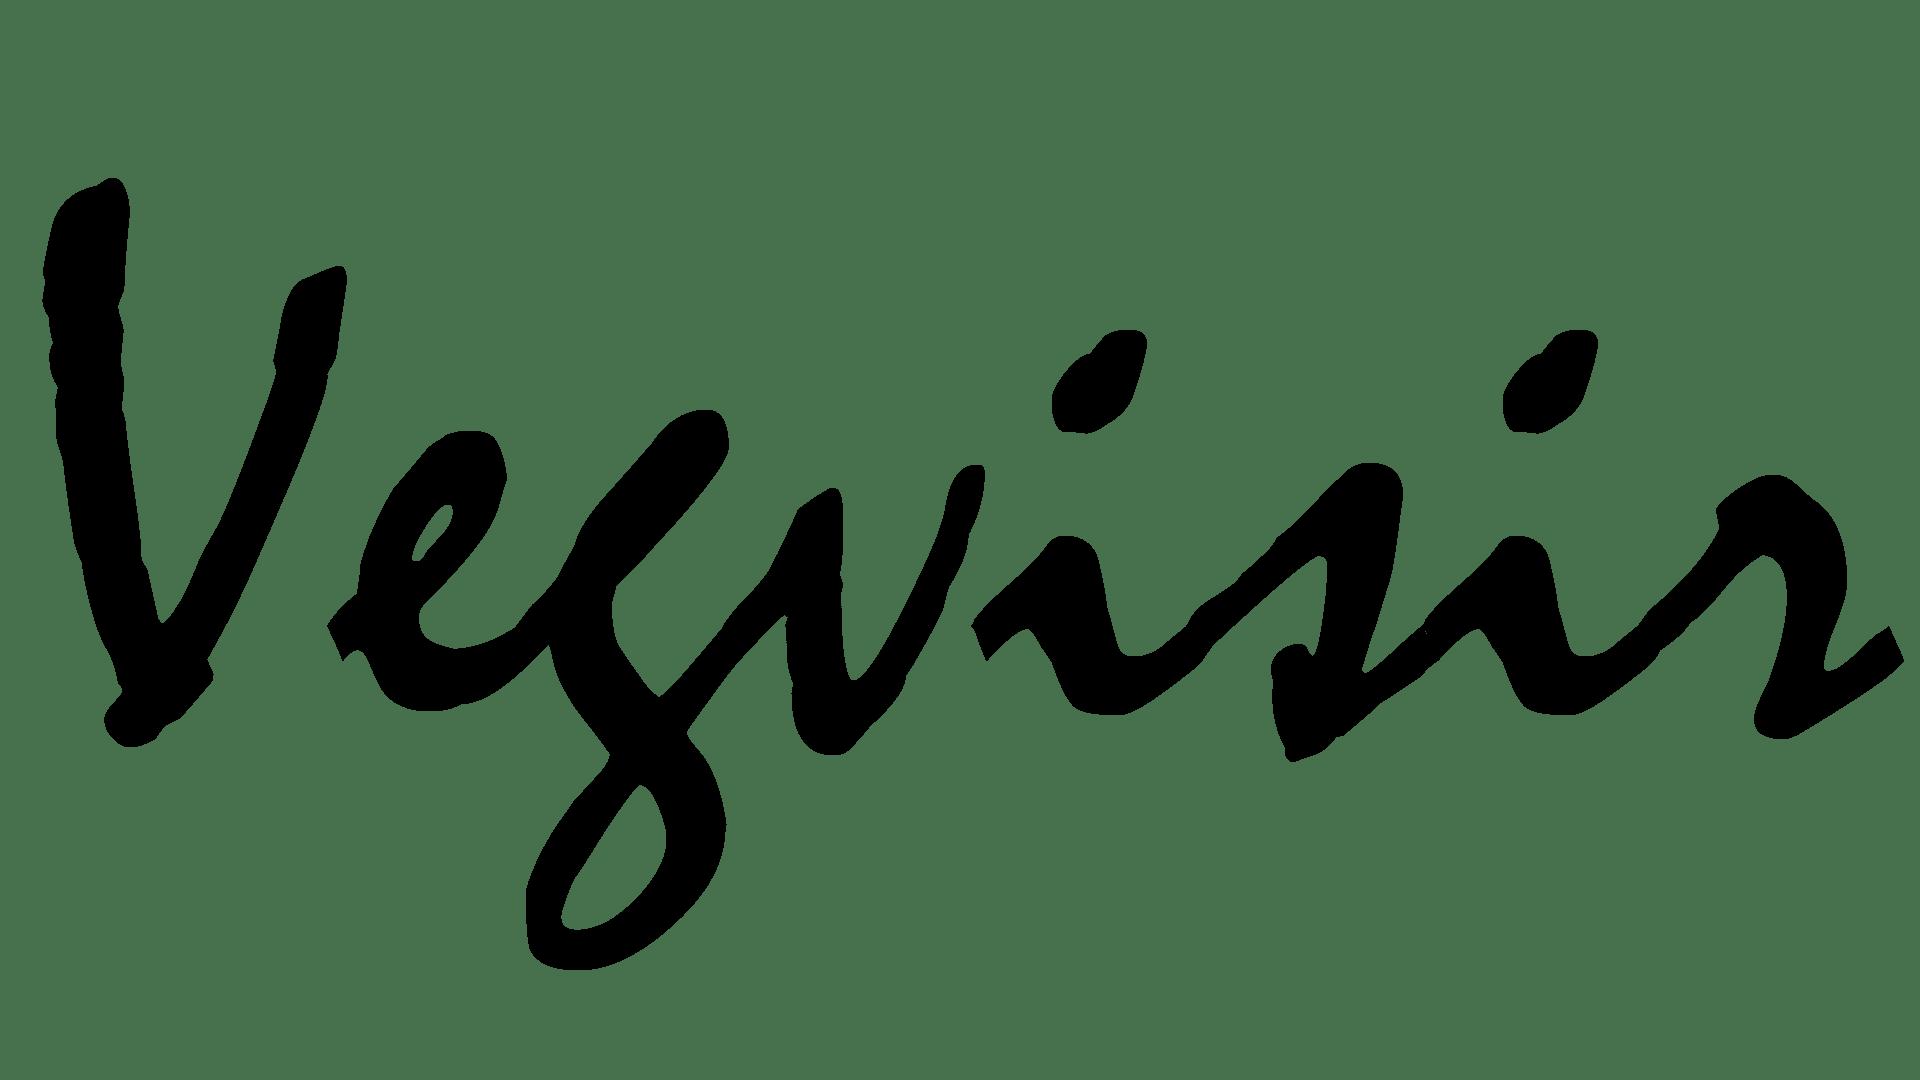 Vegvisir